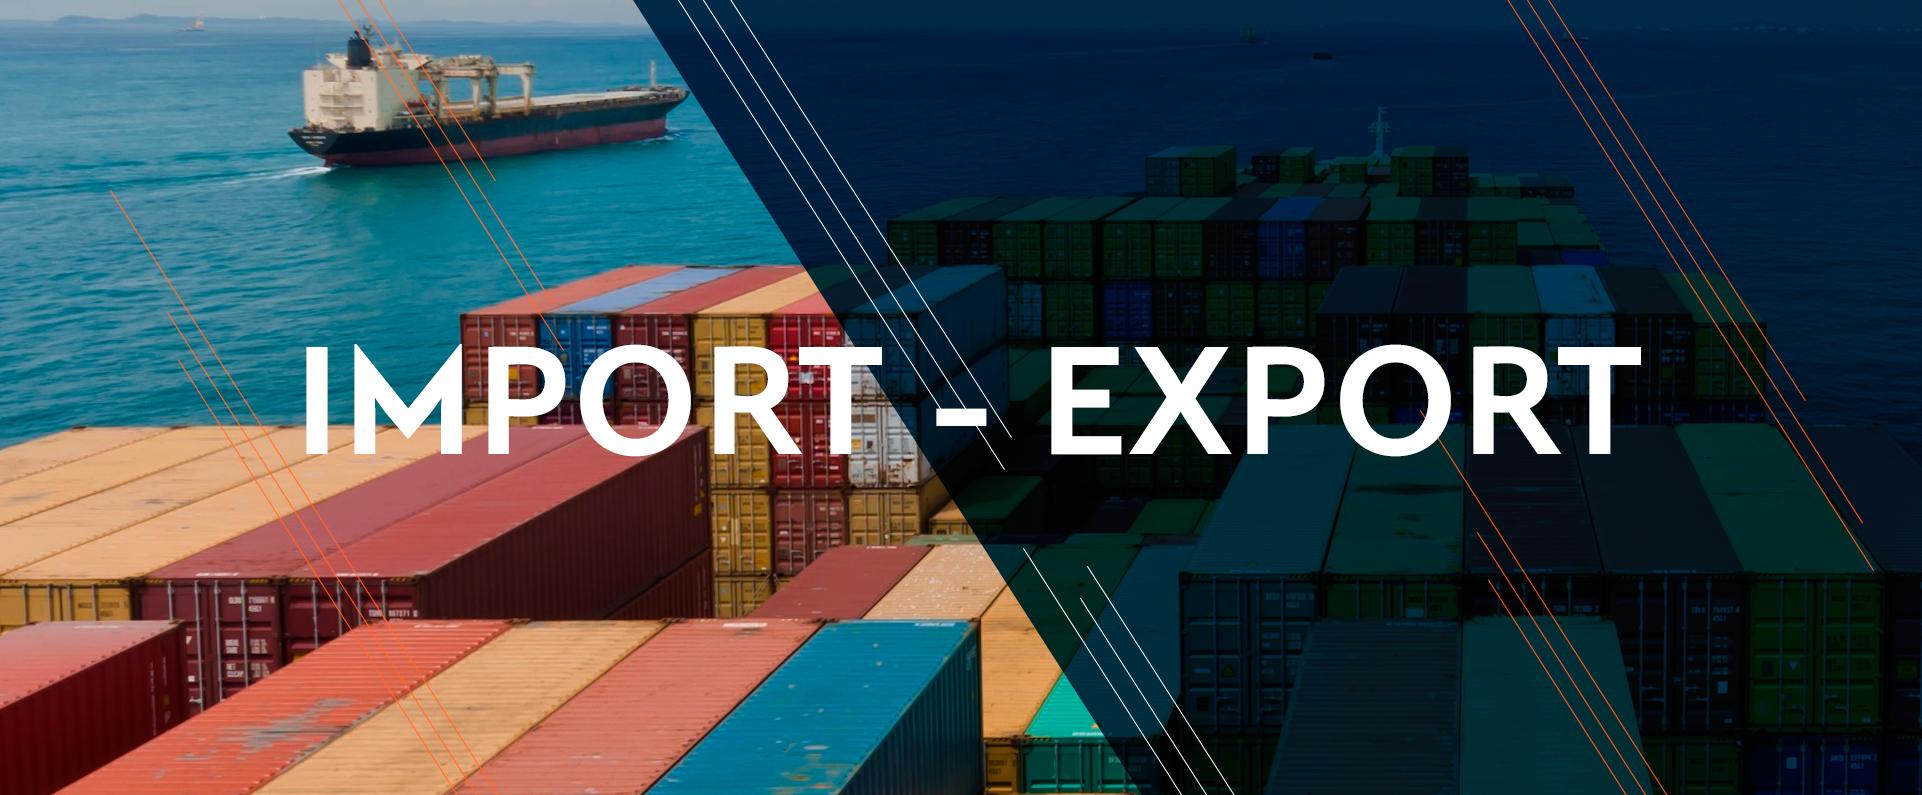 Импорт и экспорт стран